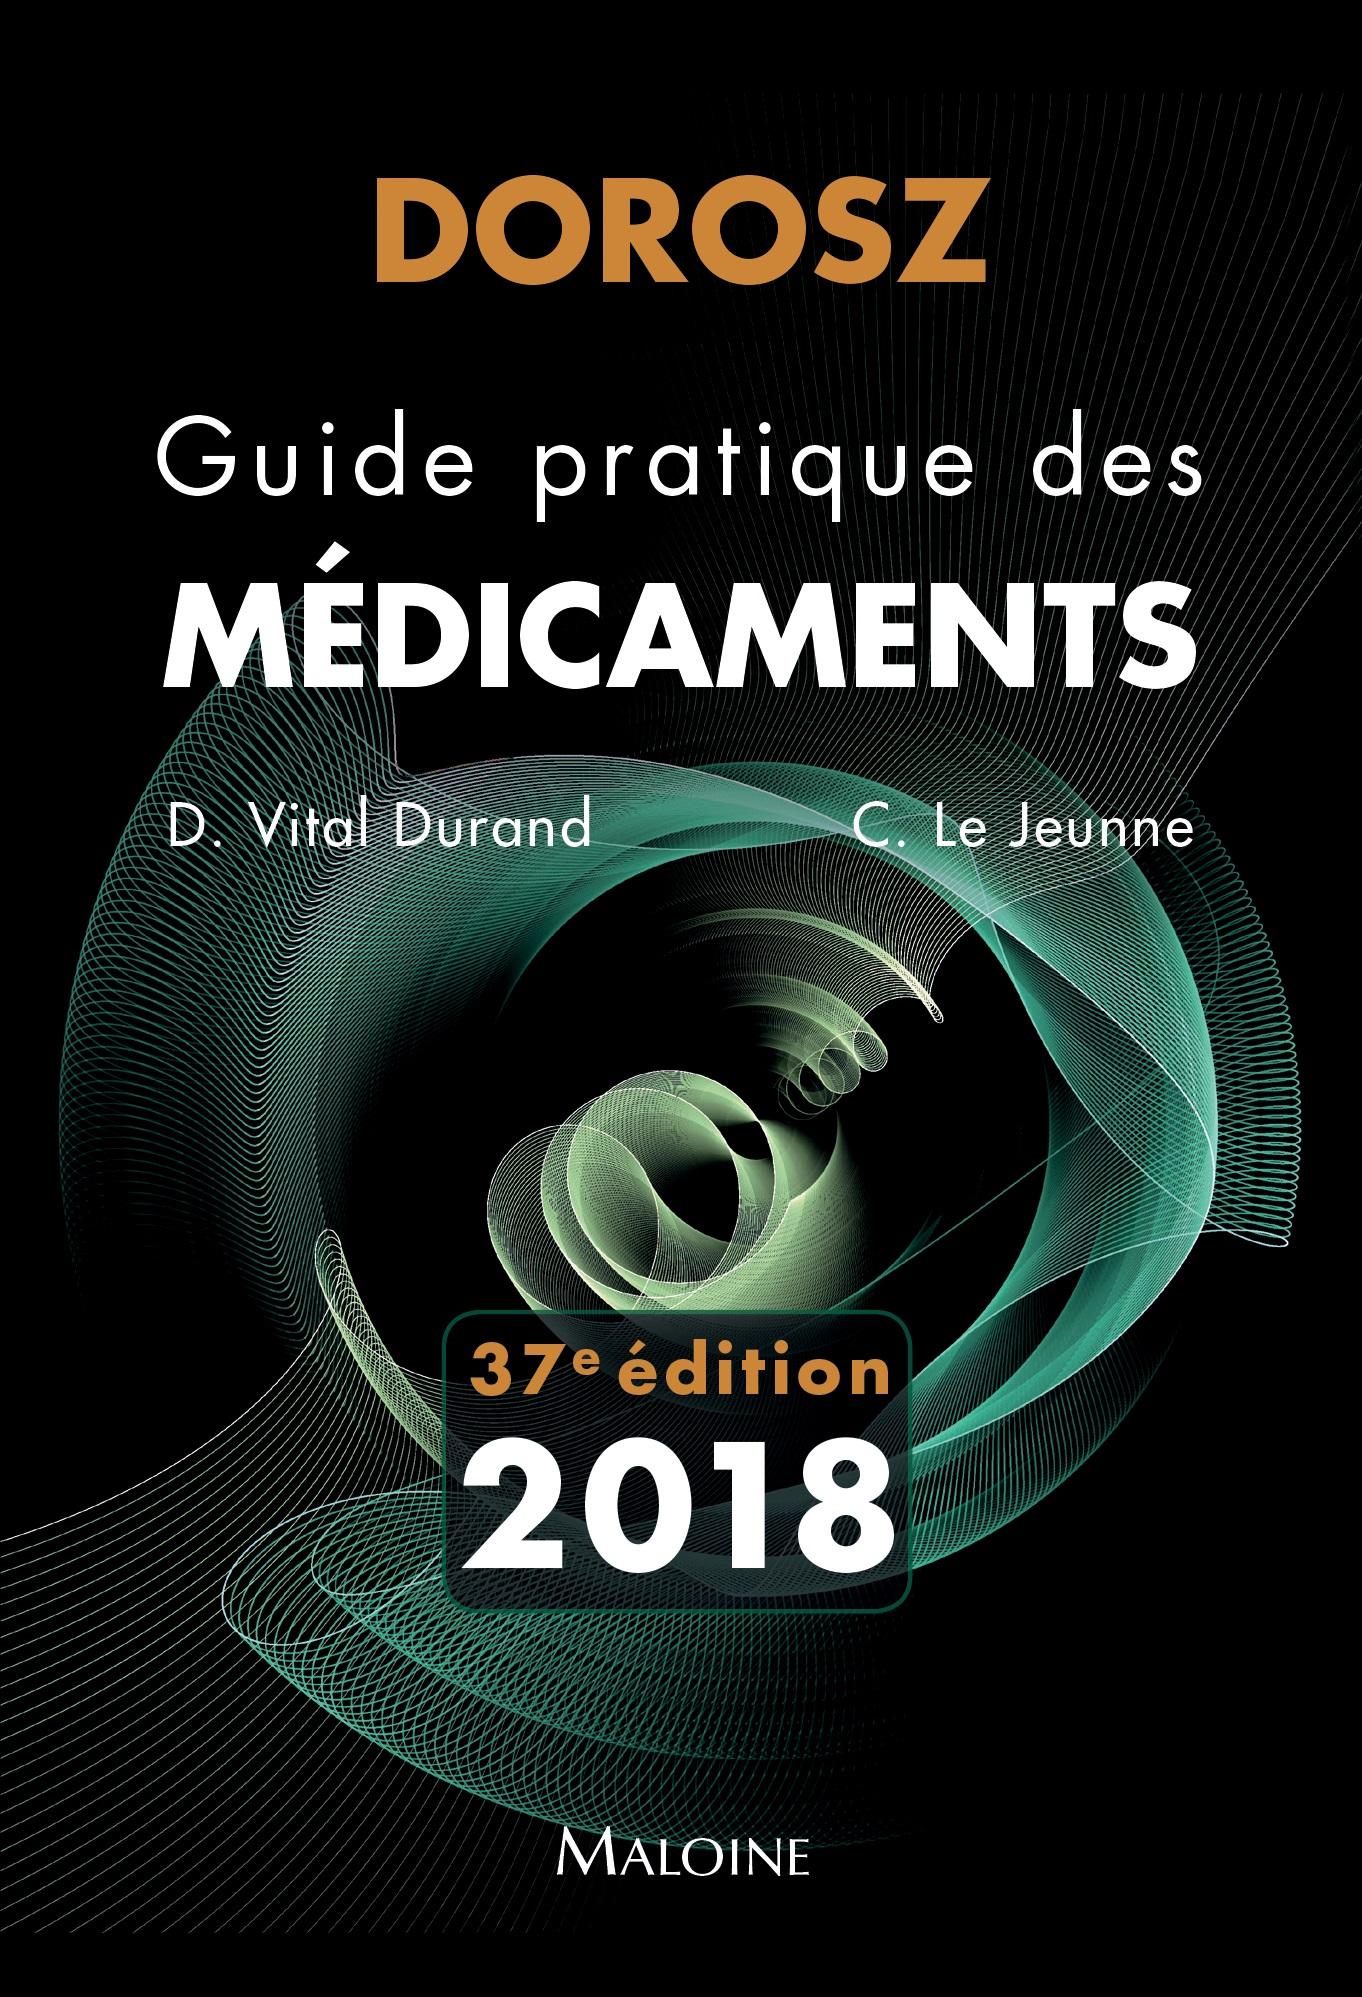 Dorosz Guide pratique des médicaments 2018, 37e éd.